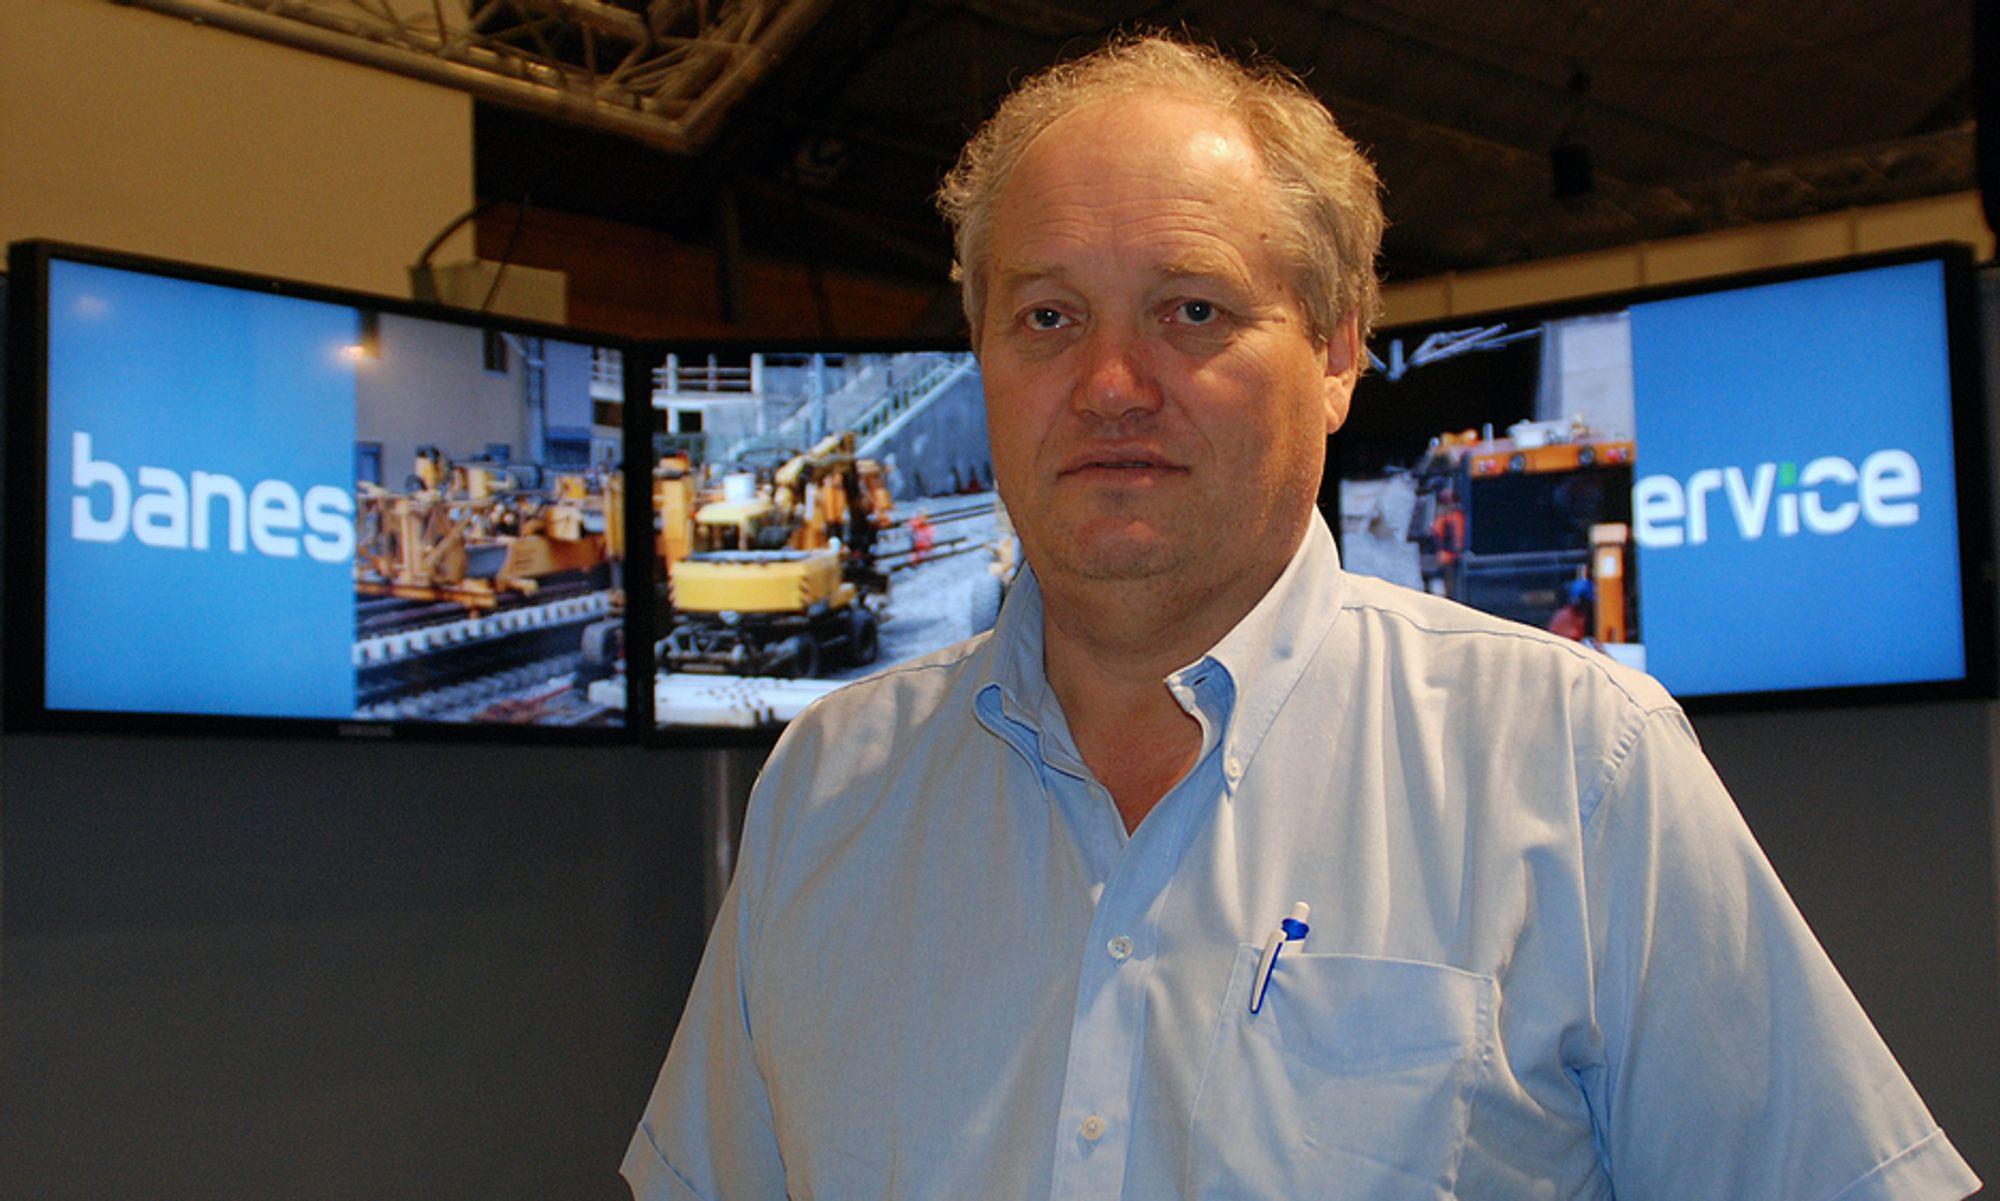 - Vi tar sikkerheten alvorlig. Vi tar det tilsynet har funnet til etterretning, og går igjennom vårt system, sier administrerende direktør i Baneservice, Lars Skålnes.